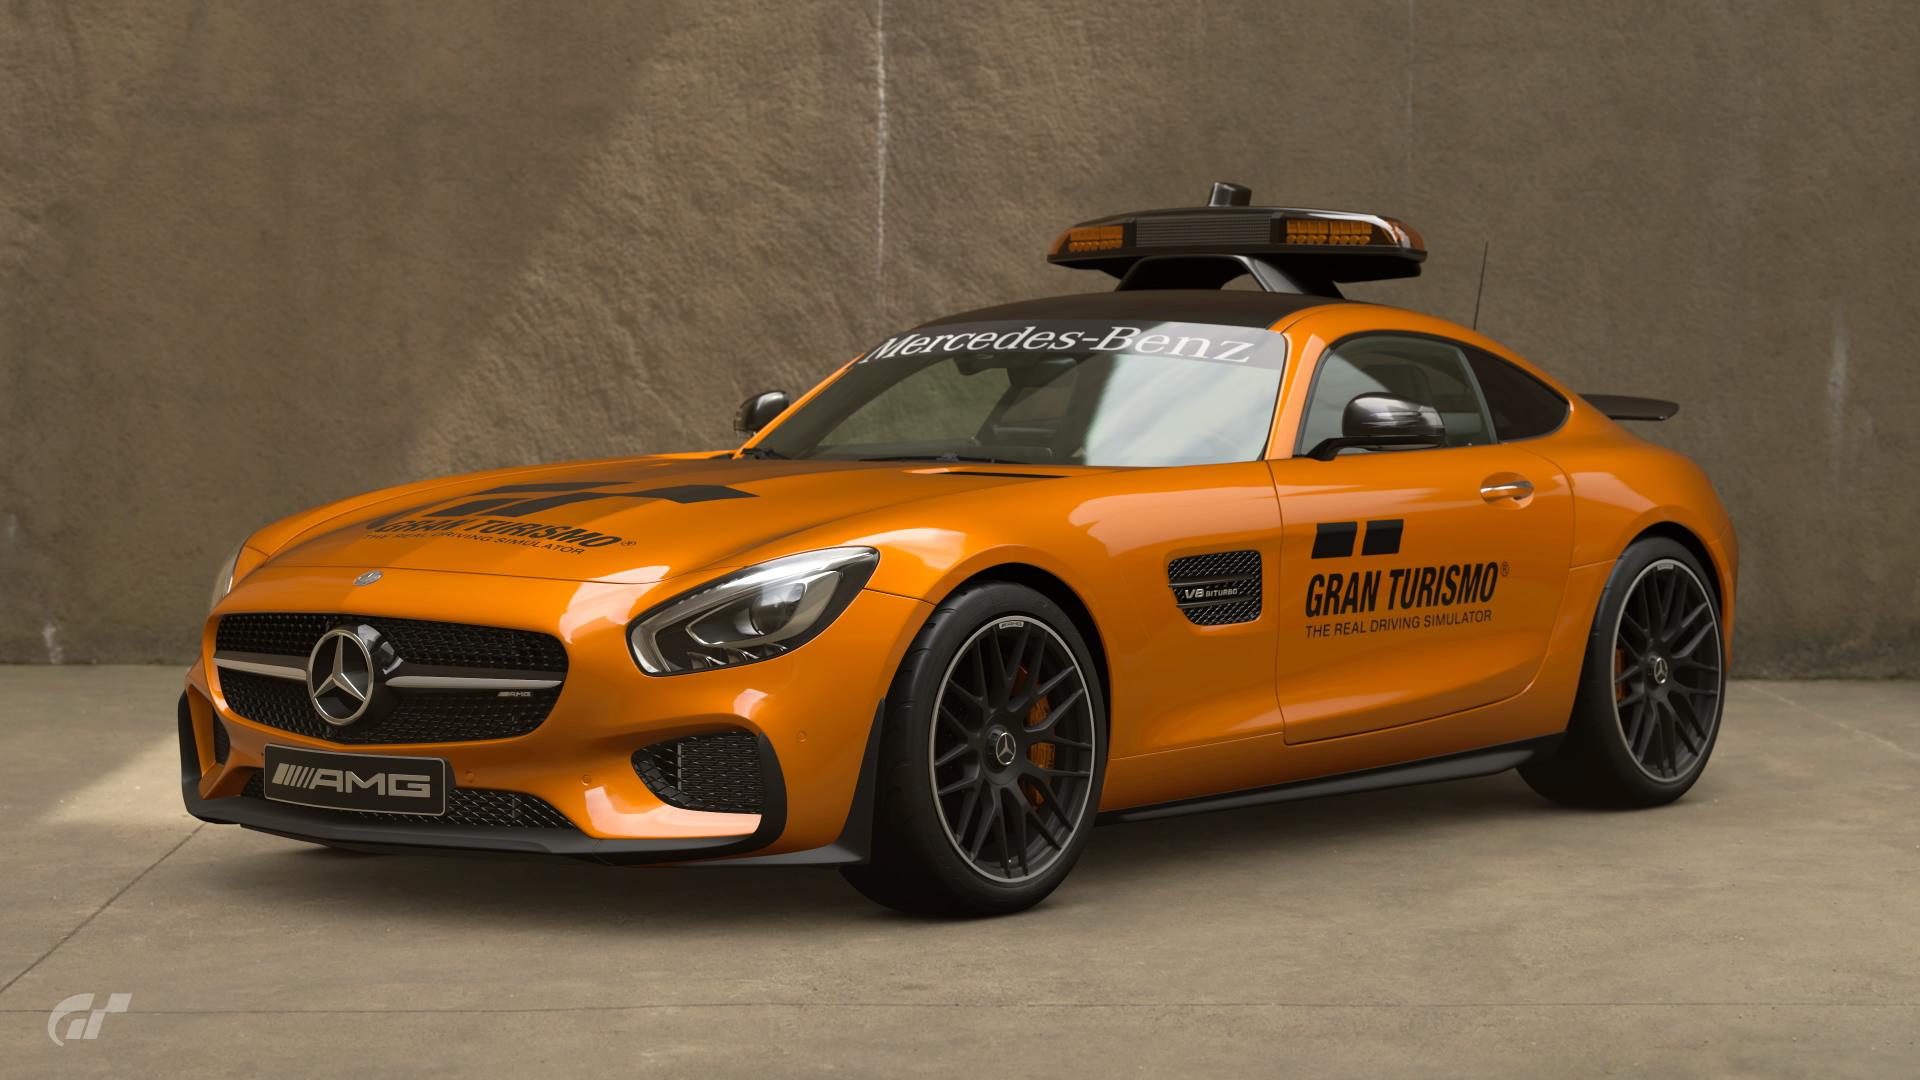 Laguna Seca Raceway >> Mercedes-AMG GT Safety Car | Gran Turismo Wiki | FANDOM ...